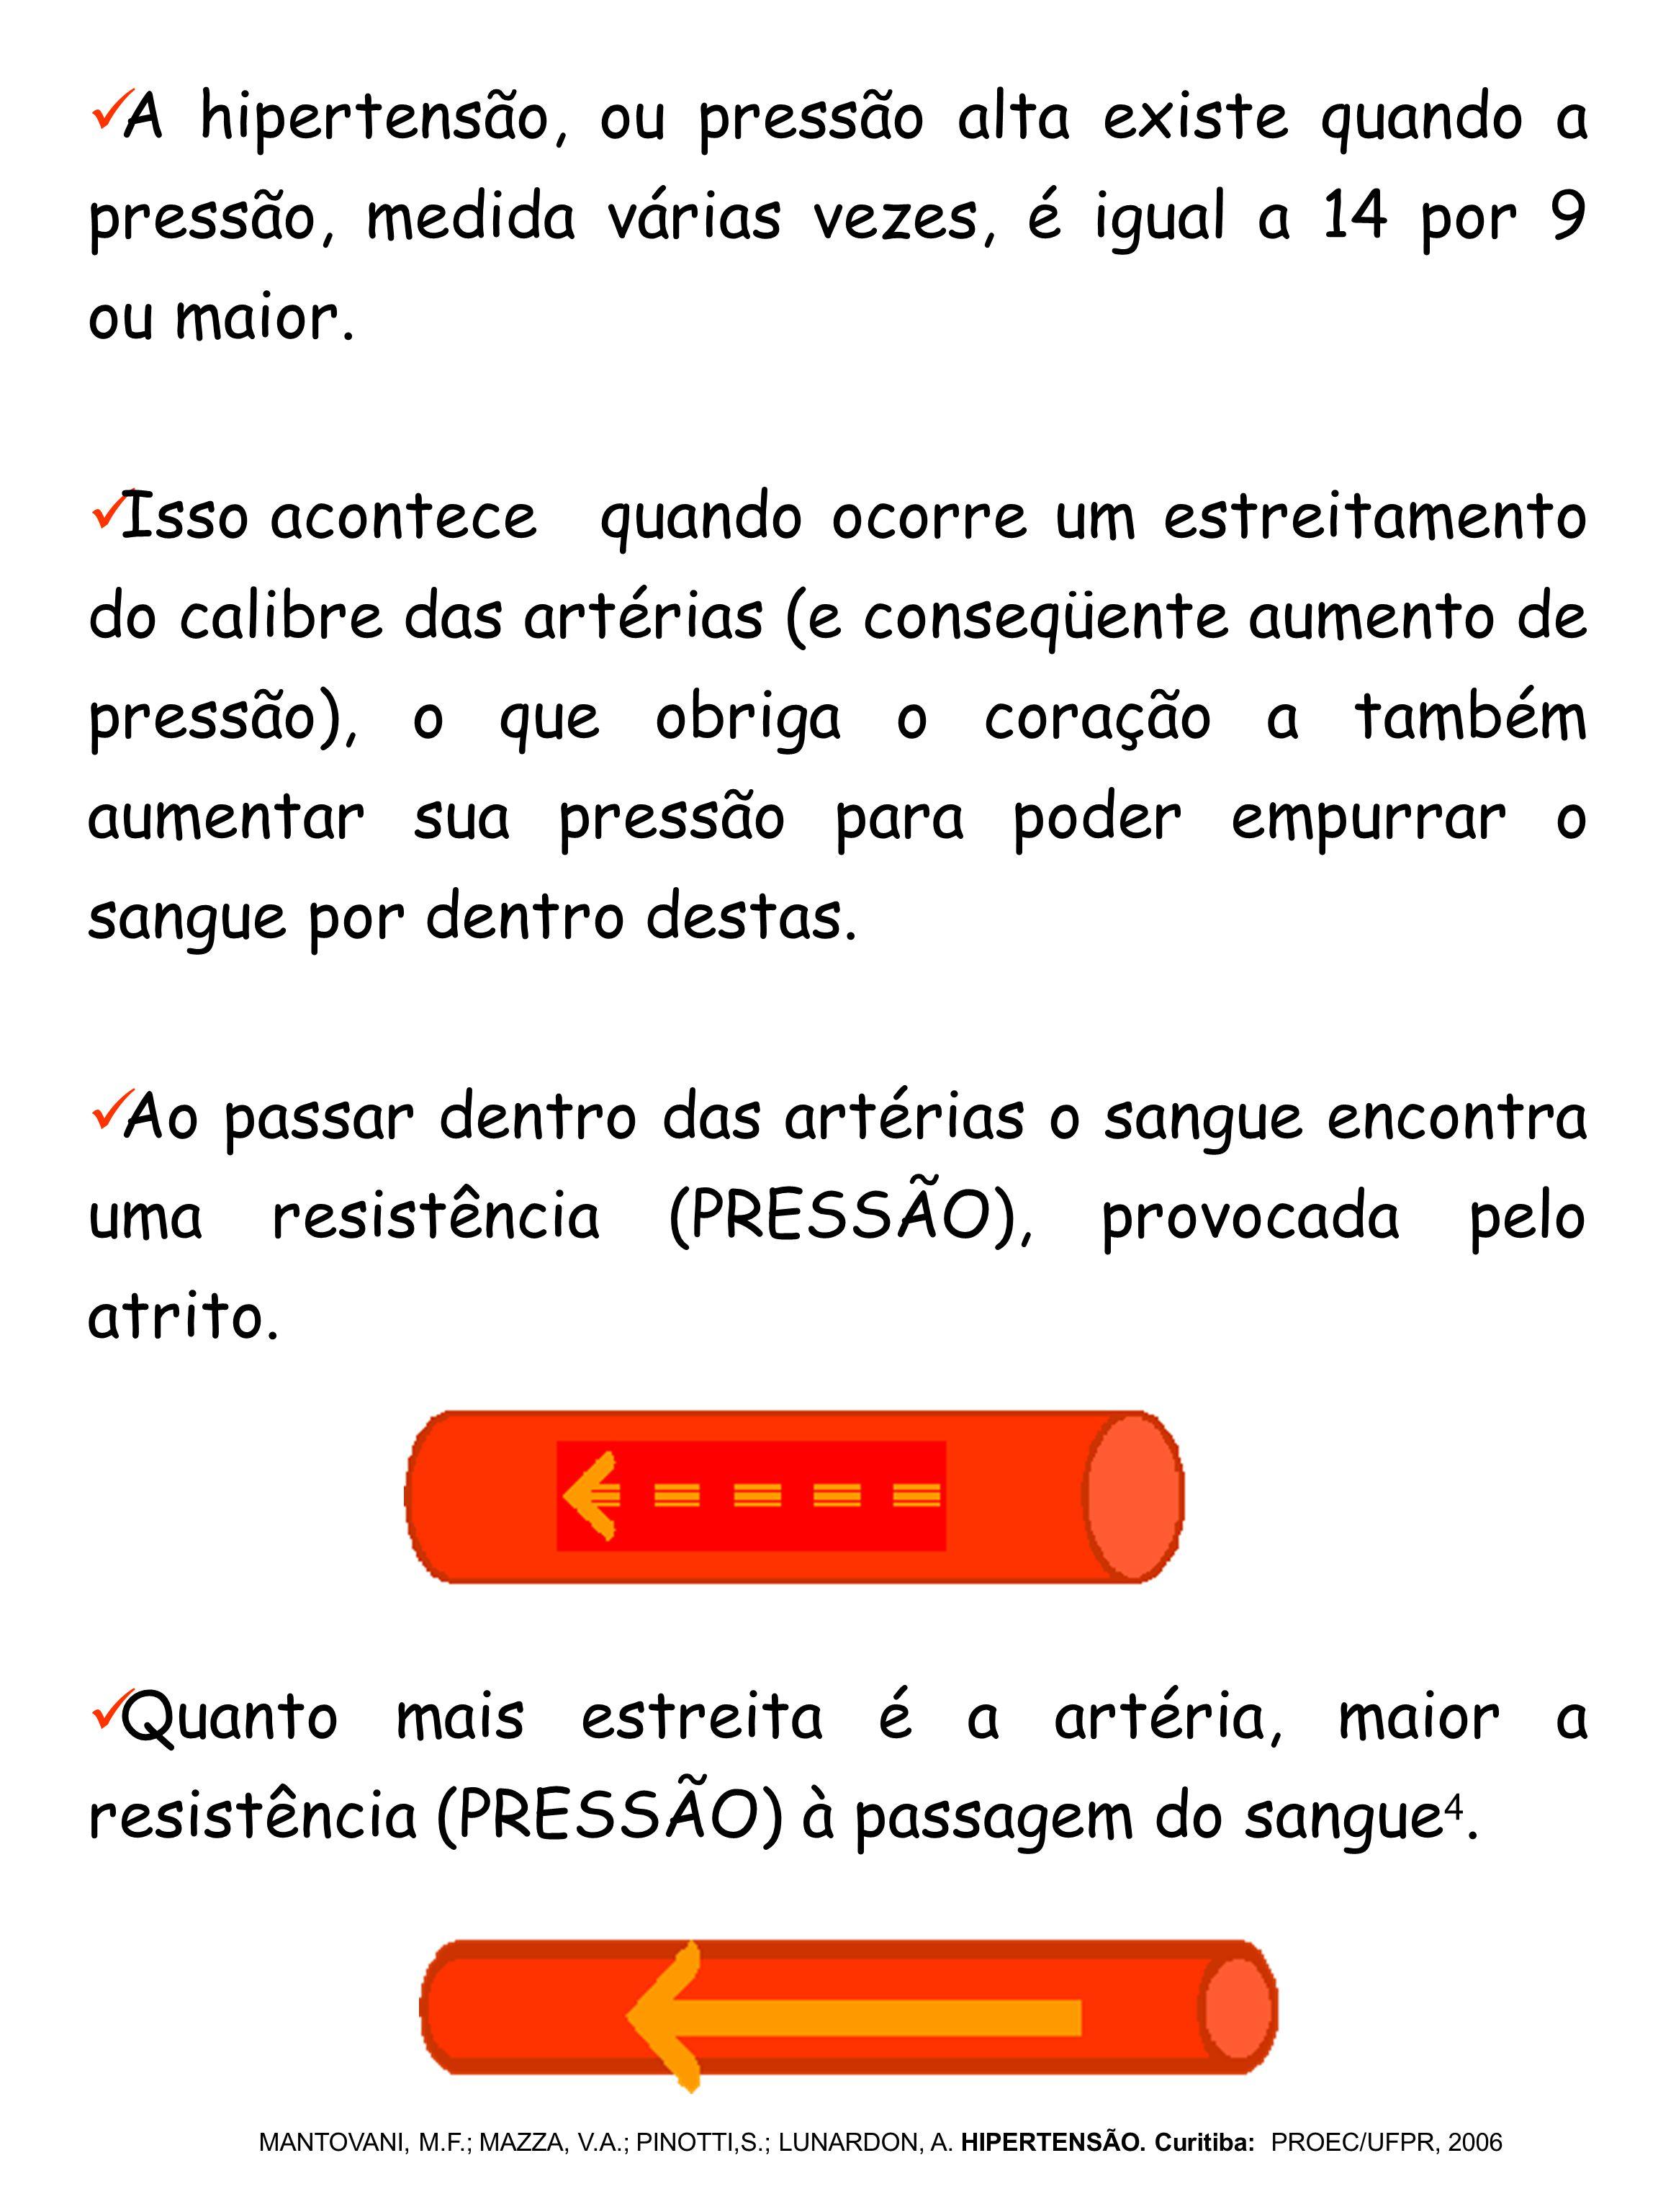 QUAL A INFLUÊNCIA DO FUMO NO AUMENTO DA PRESSÃO ARTERIAL.